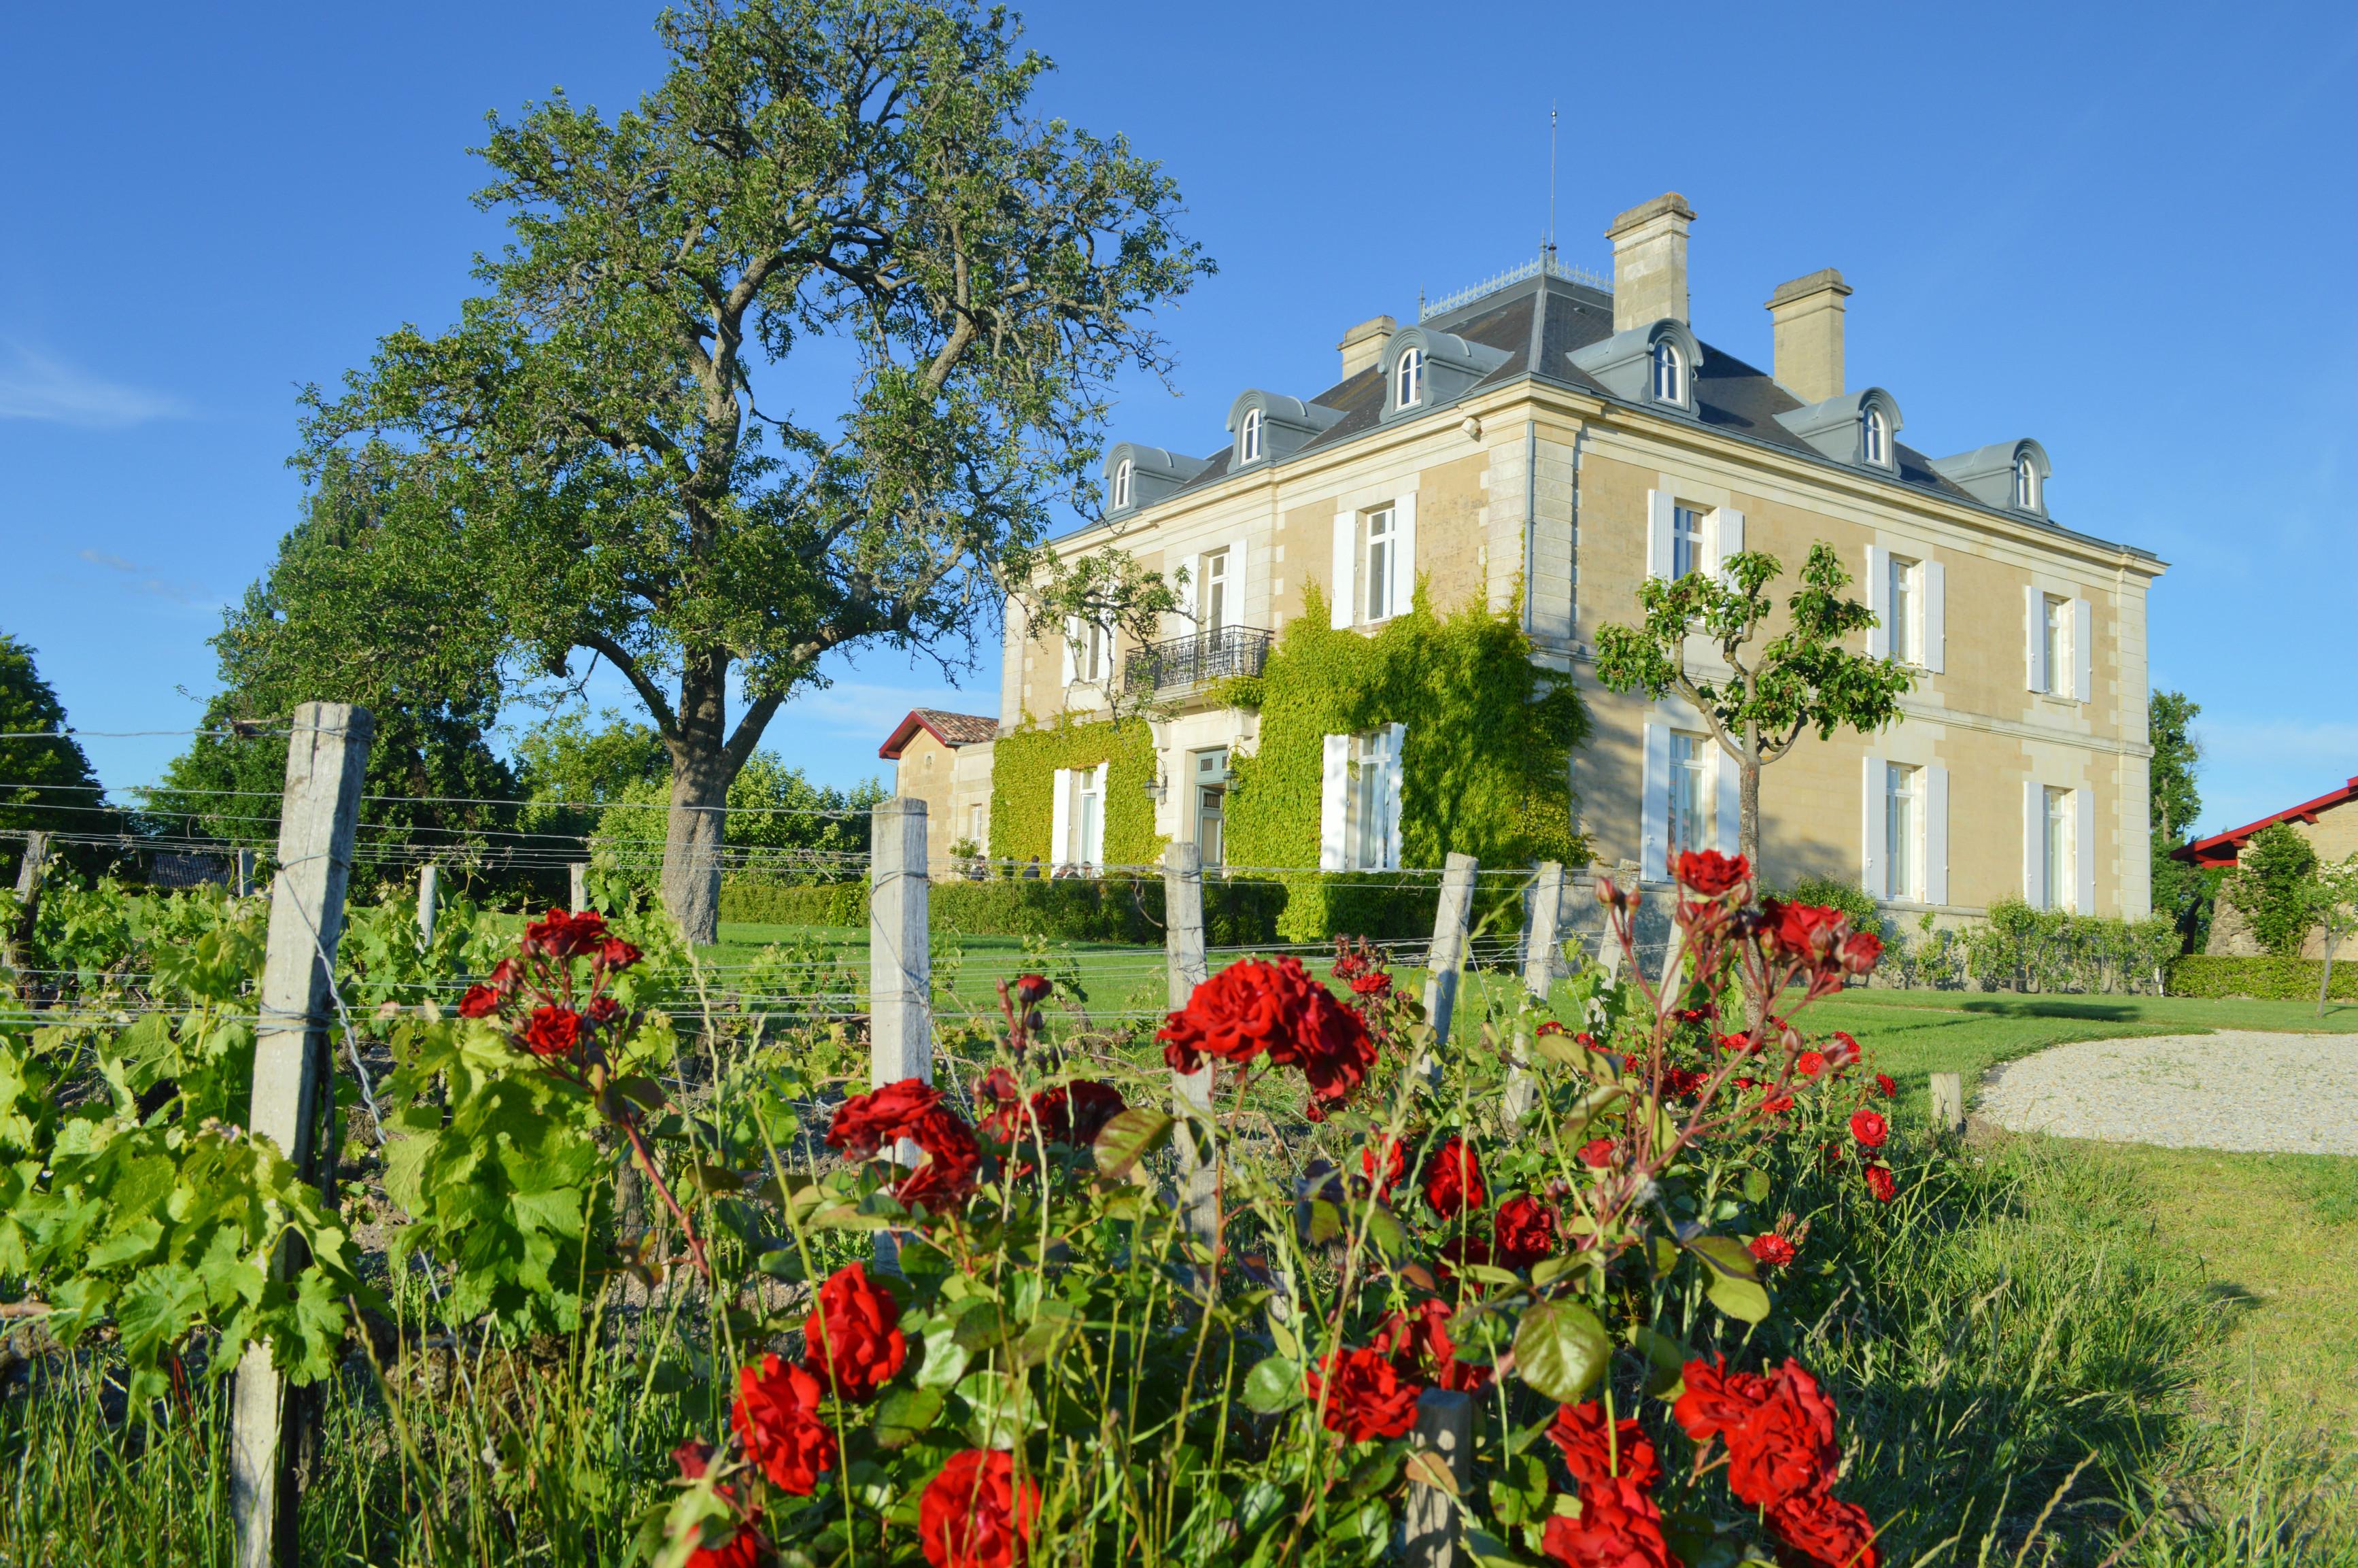 château Haut Bailly Sur la route des vins de Bordeaux en Graves et Sauternes (36)